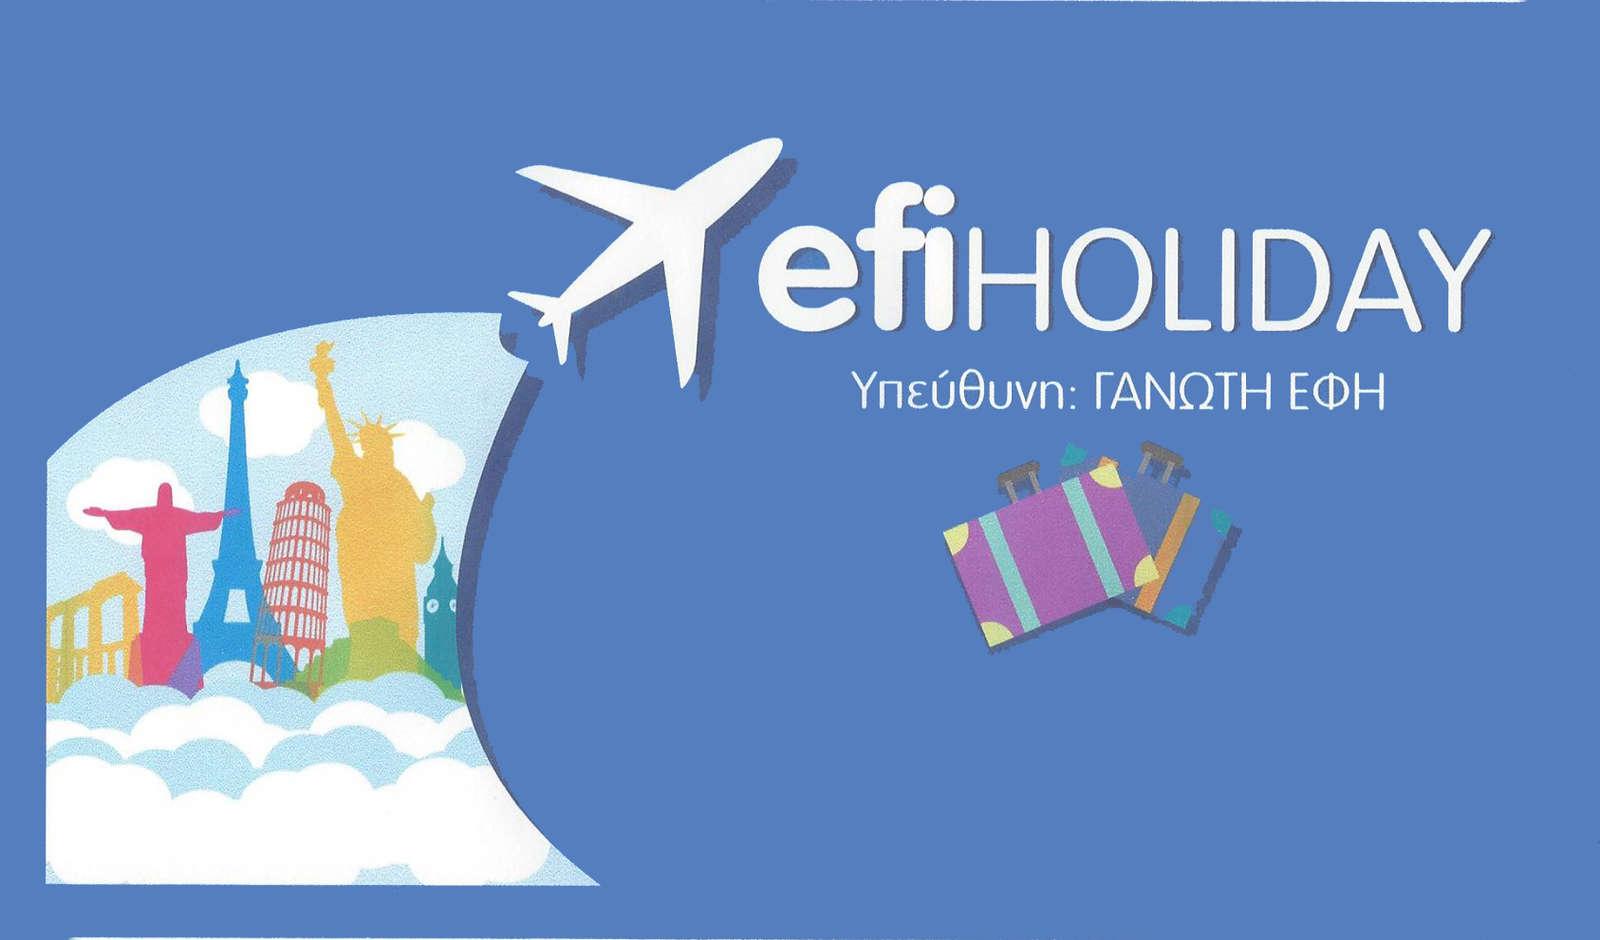 Efi HOLIDAY Tours & Travel